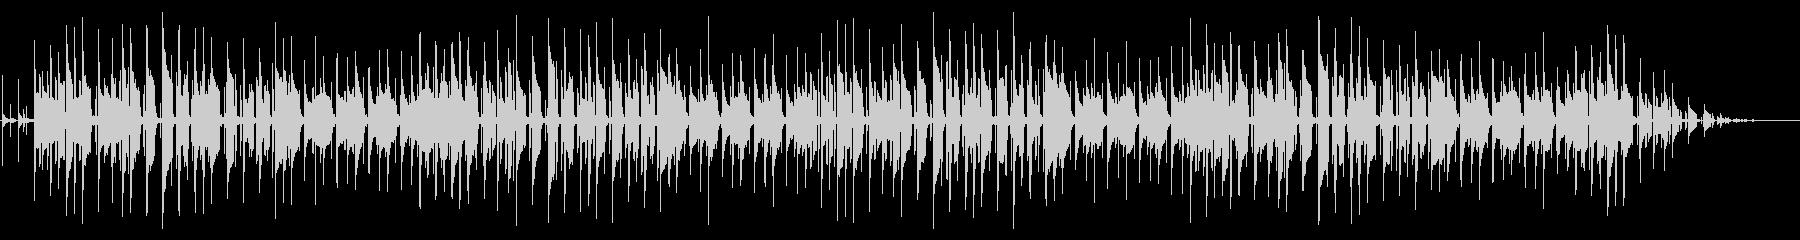 童謡「うれしいひなまつり」脱力系アレンジの未再生の波形